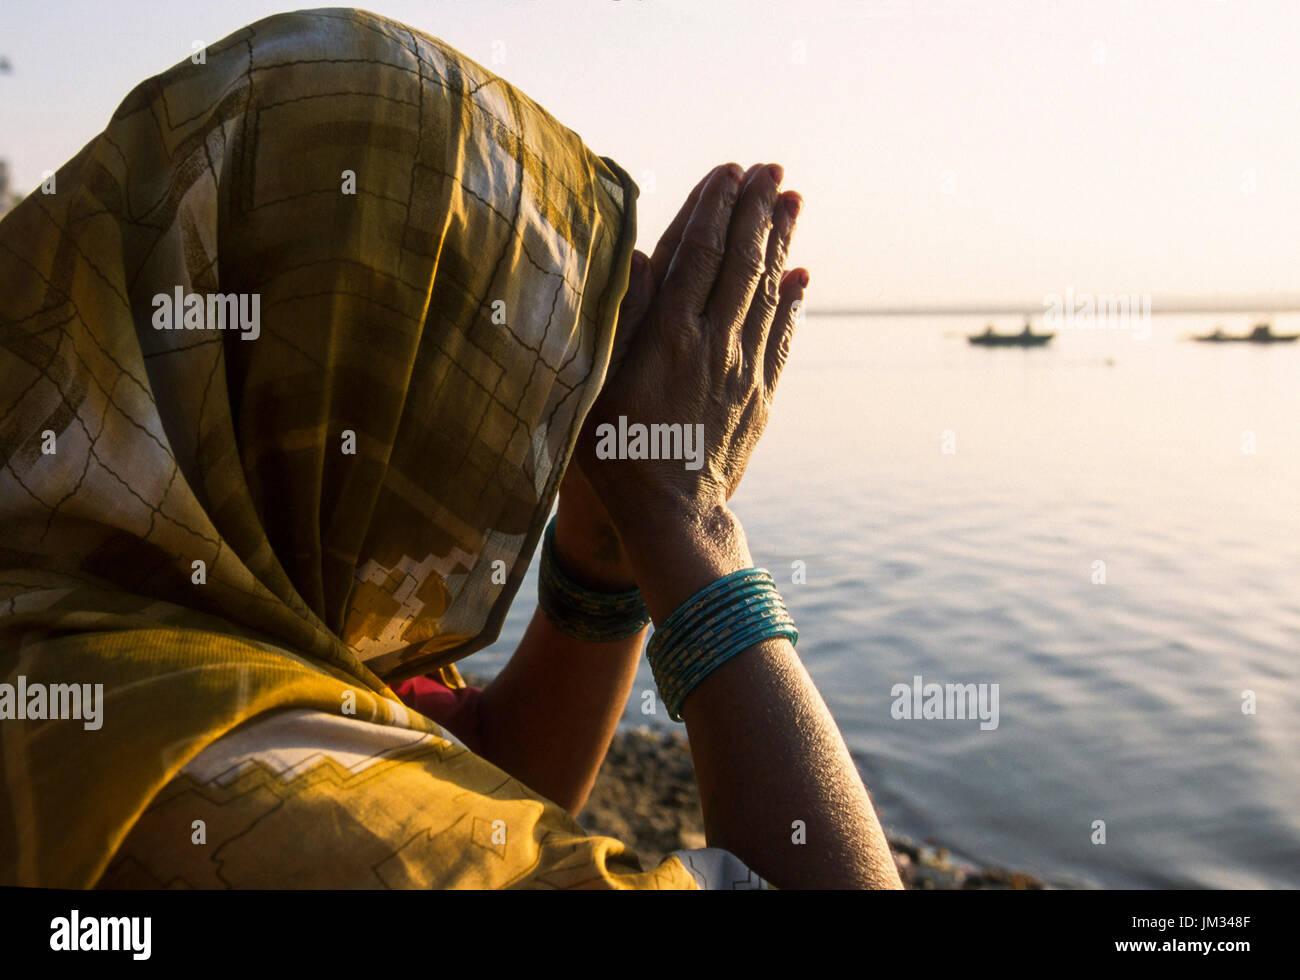 La India, Uttar Pradesh, Varanasi, la mujer hindú de mano plegable para la oración de la mañana del Señor Shiva y de la diosa ganga en el río Ganges, mirando el amanecer, el viejo Banaras o Kashi o ANANDAVANA ( bosque de Bliss ) es un lugar sagrado para los hindúes para alcanzar Moksha significado la salvación del eterno círculo de renacimiento, el Ganges río es un lugar de paso de la tierra al cielo, un lugar muy religioso para la iluminación bliss devoción purificación Imagen De Stock